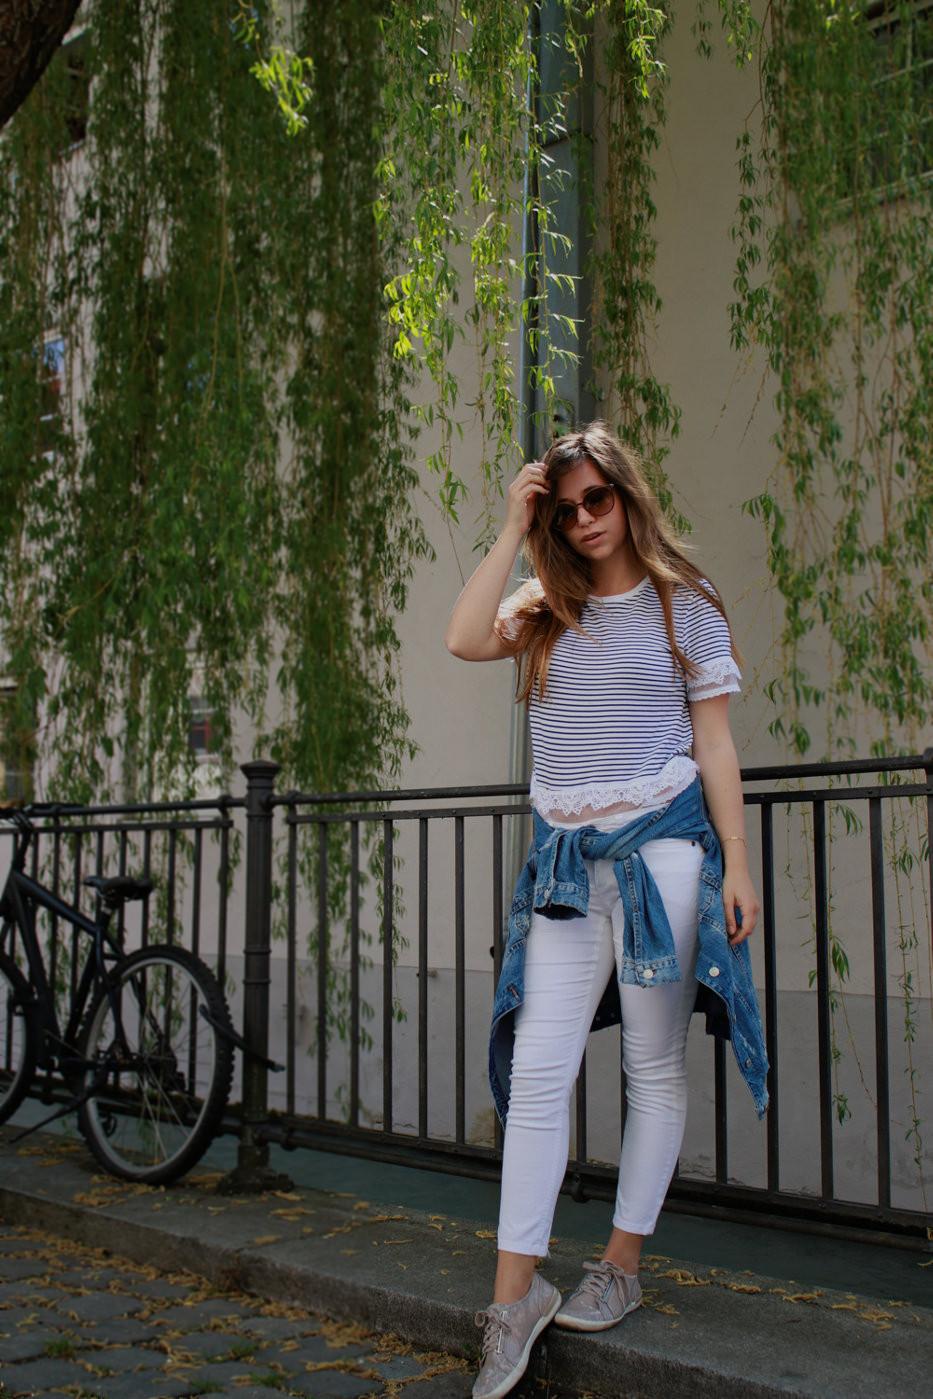 maritimer Look marine stil style gestreift streifen weiß navy shirt jeansjacke weiße hose outfit lookbook blogger deutschland trendreport